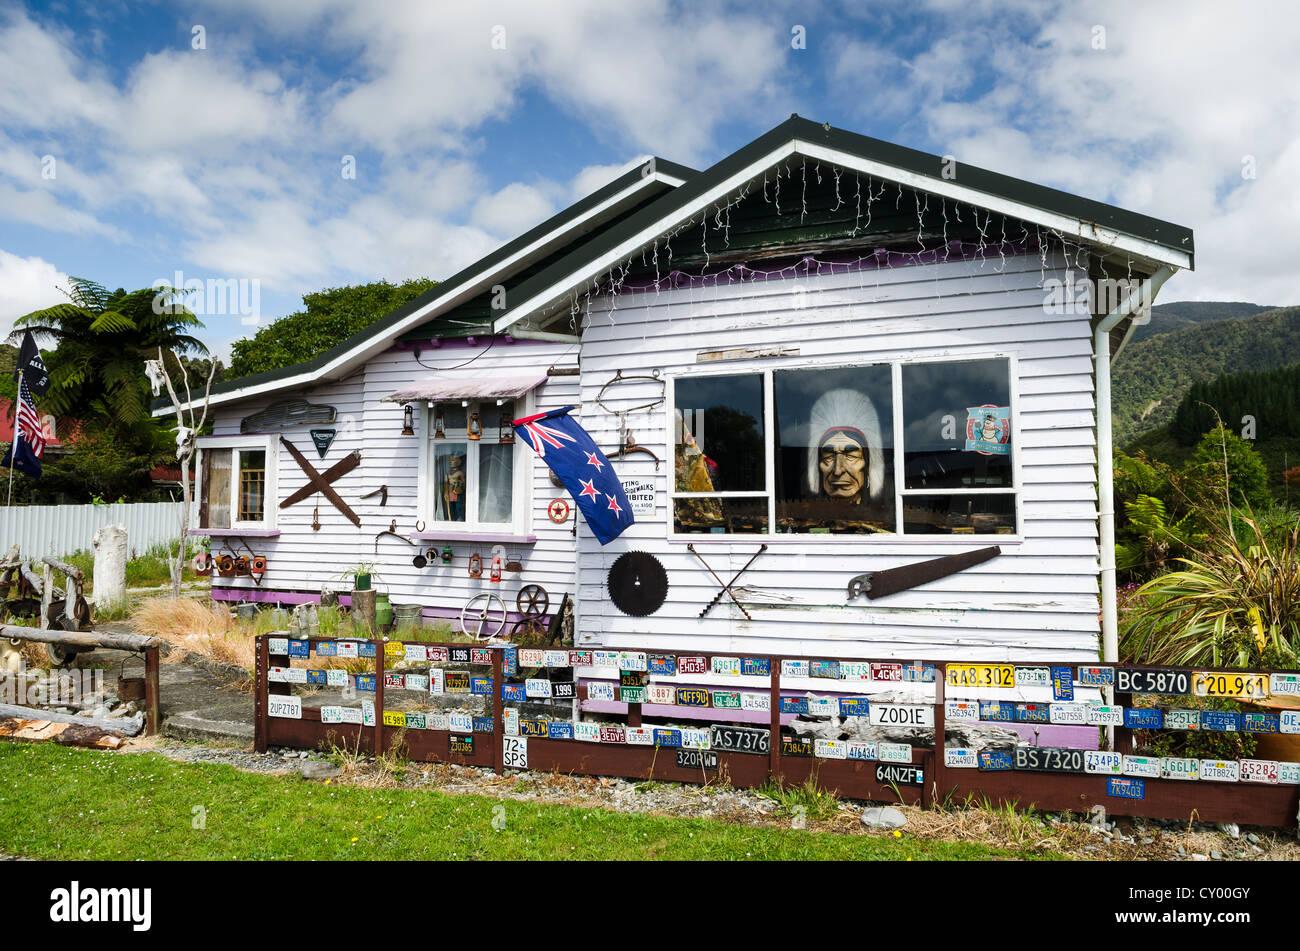 Attraction touristique, quirky maison décorée avec l'attirail du Wild West, plaques, vache et moutons Photo Stock